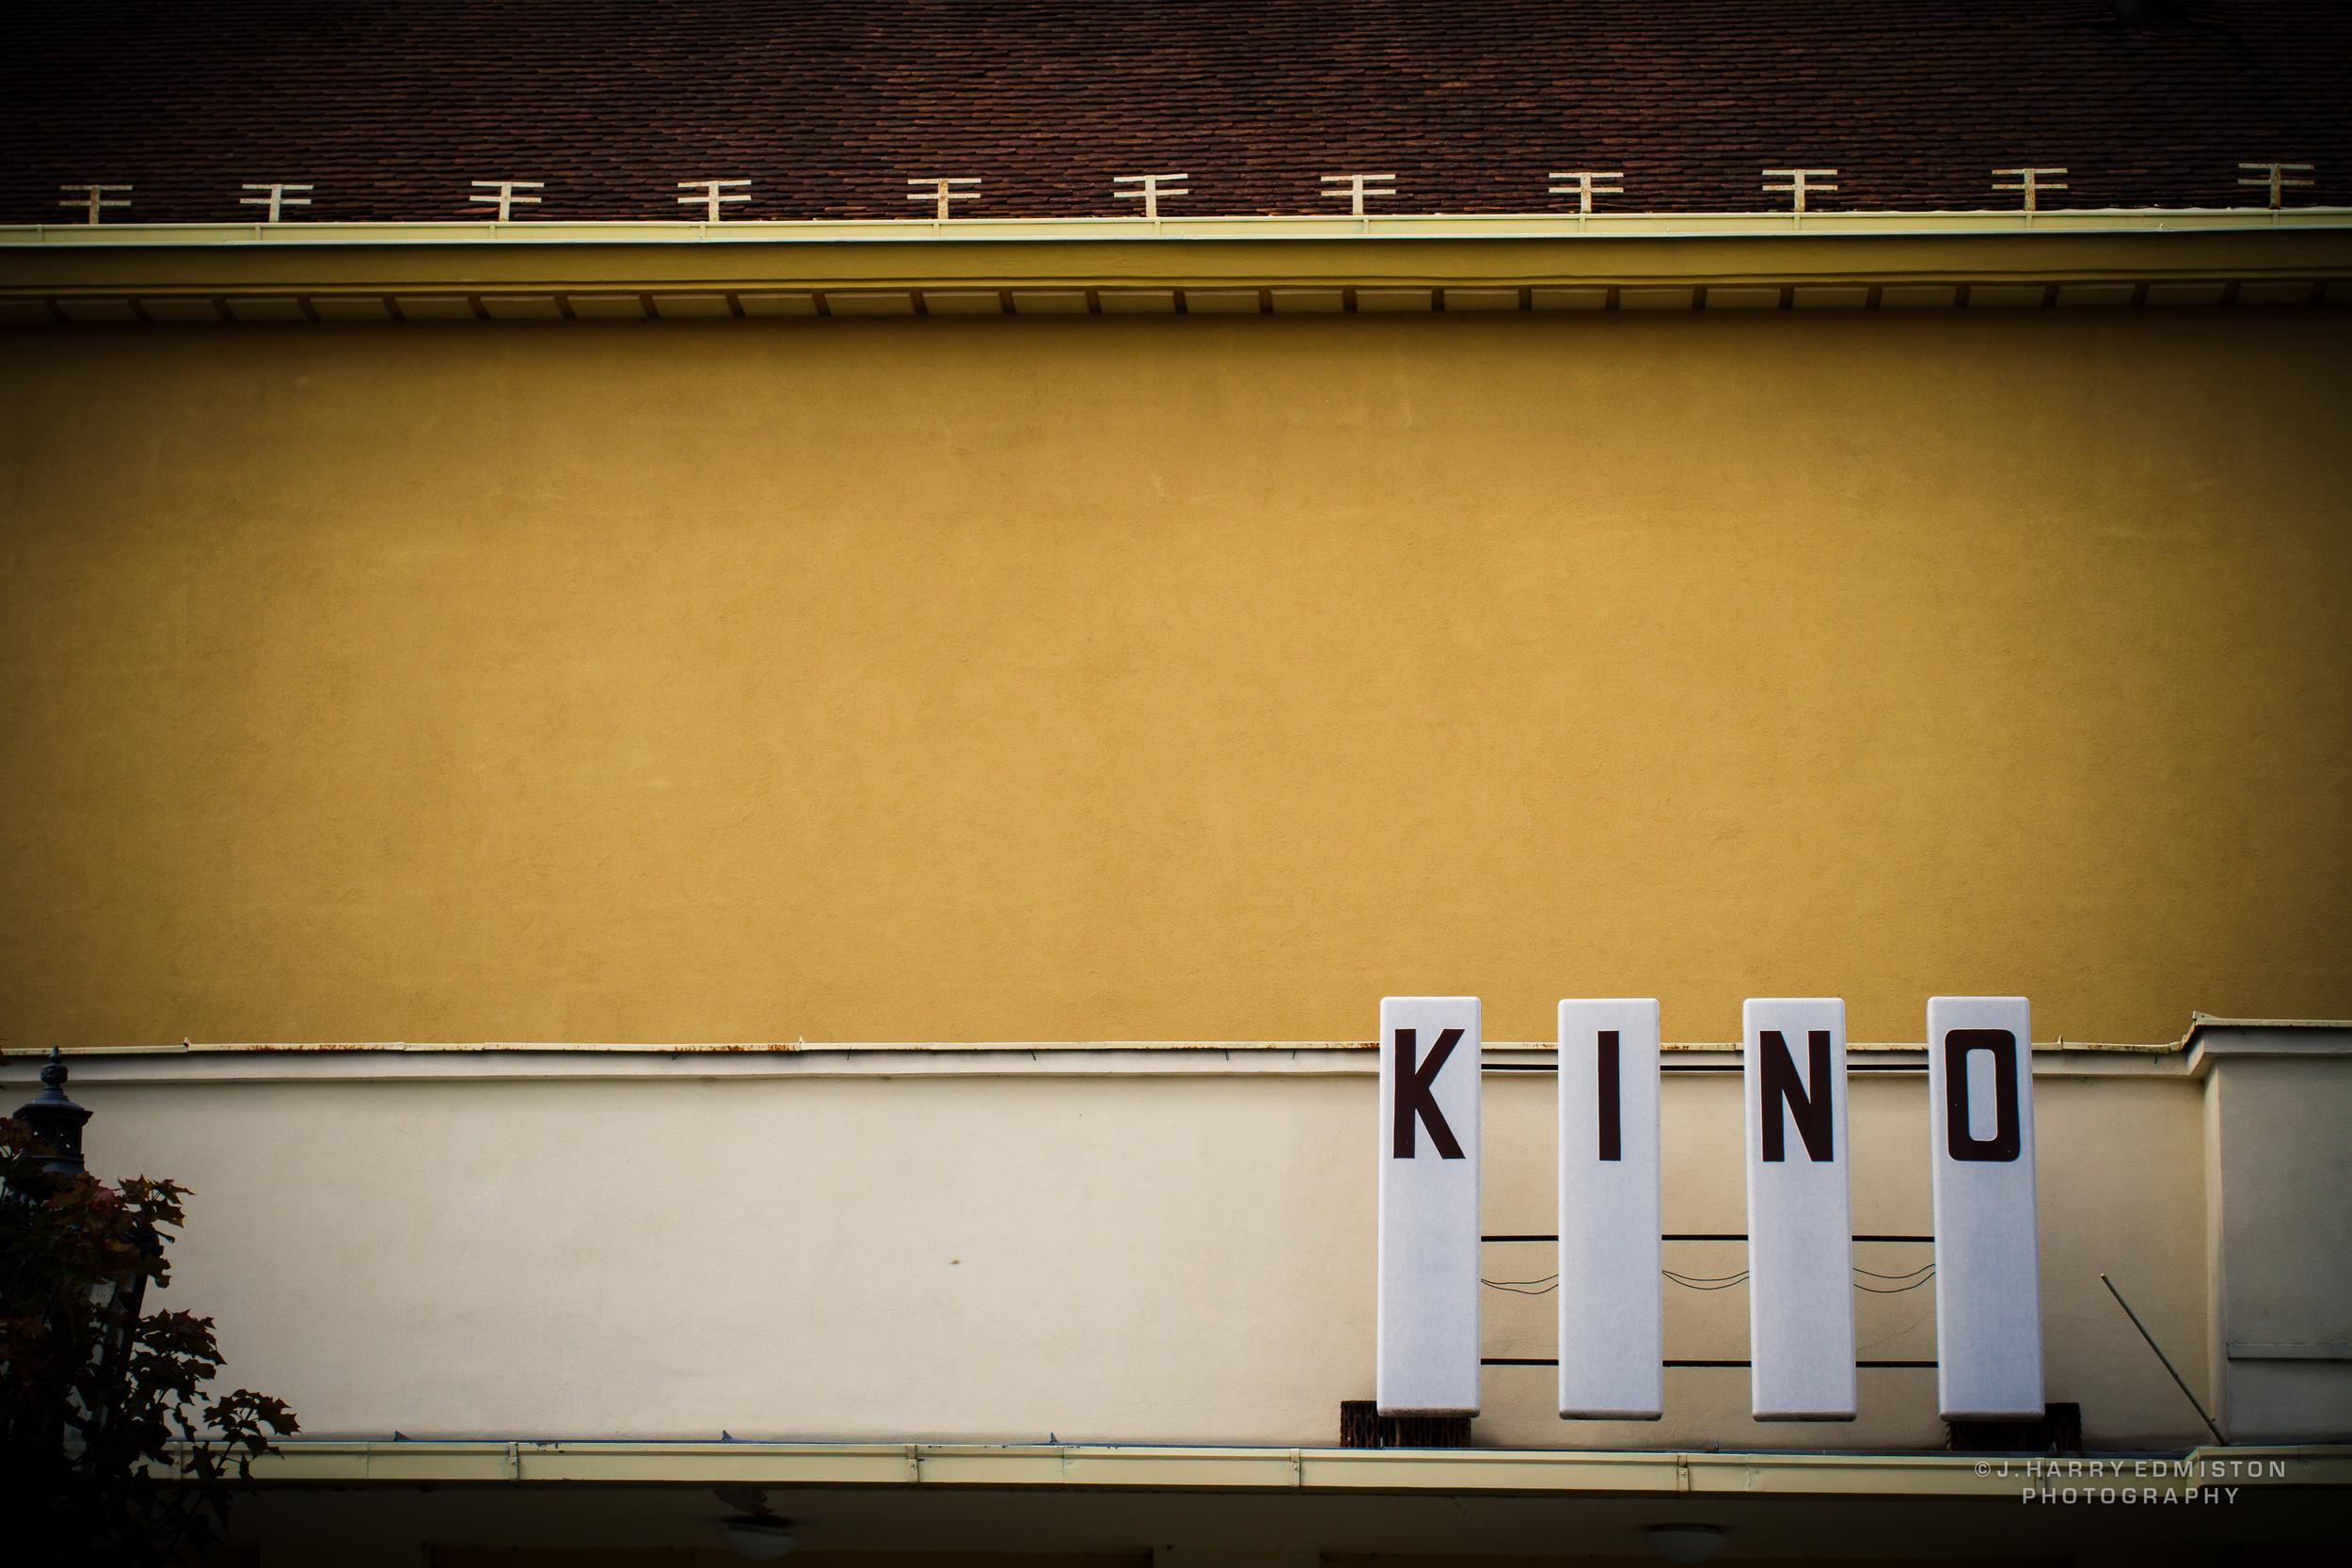 Kino.jpg